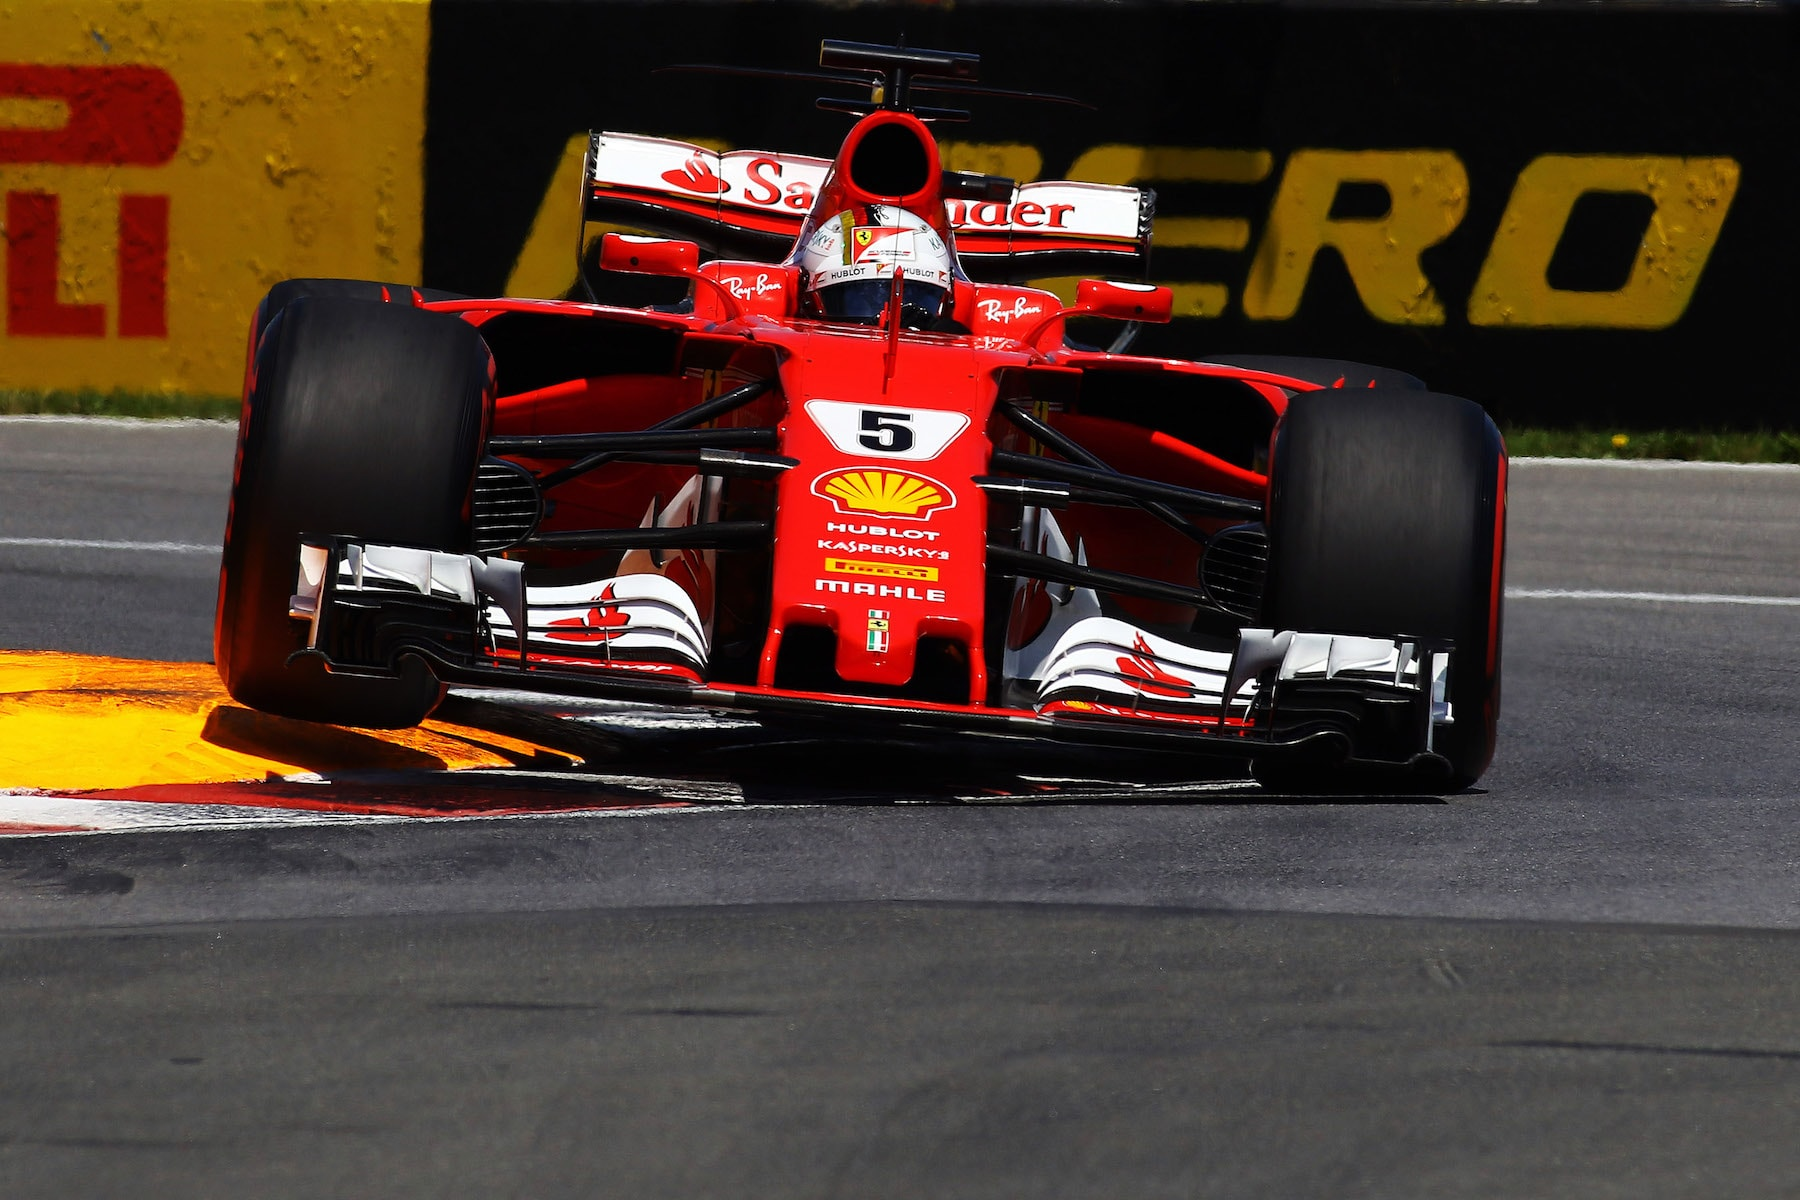 H 2017 Sebastian Vettel | Ferrari SF70H | 2017 Canadian GP P4 1 copy.jpg